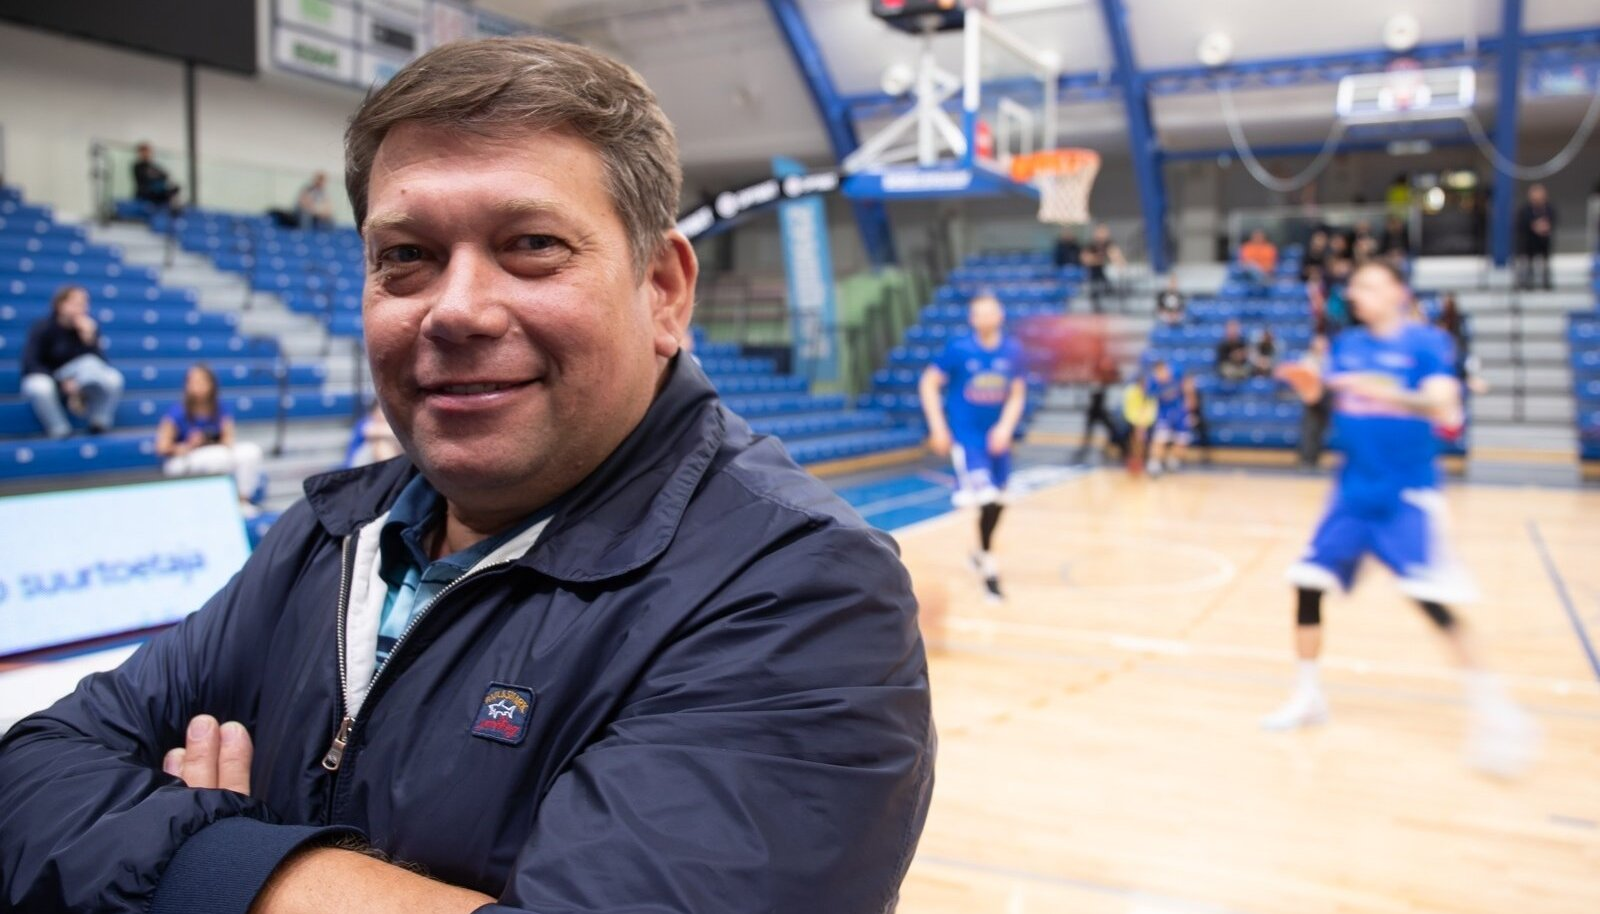 OlyBet korvpalli meistriliigas algas poolfinaalseeria BC Kalev/Cramo ja Pärnu Sadama vahel. Kalev/Cramo võitis 91 : 85